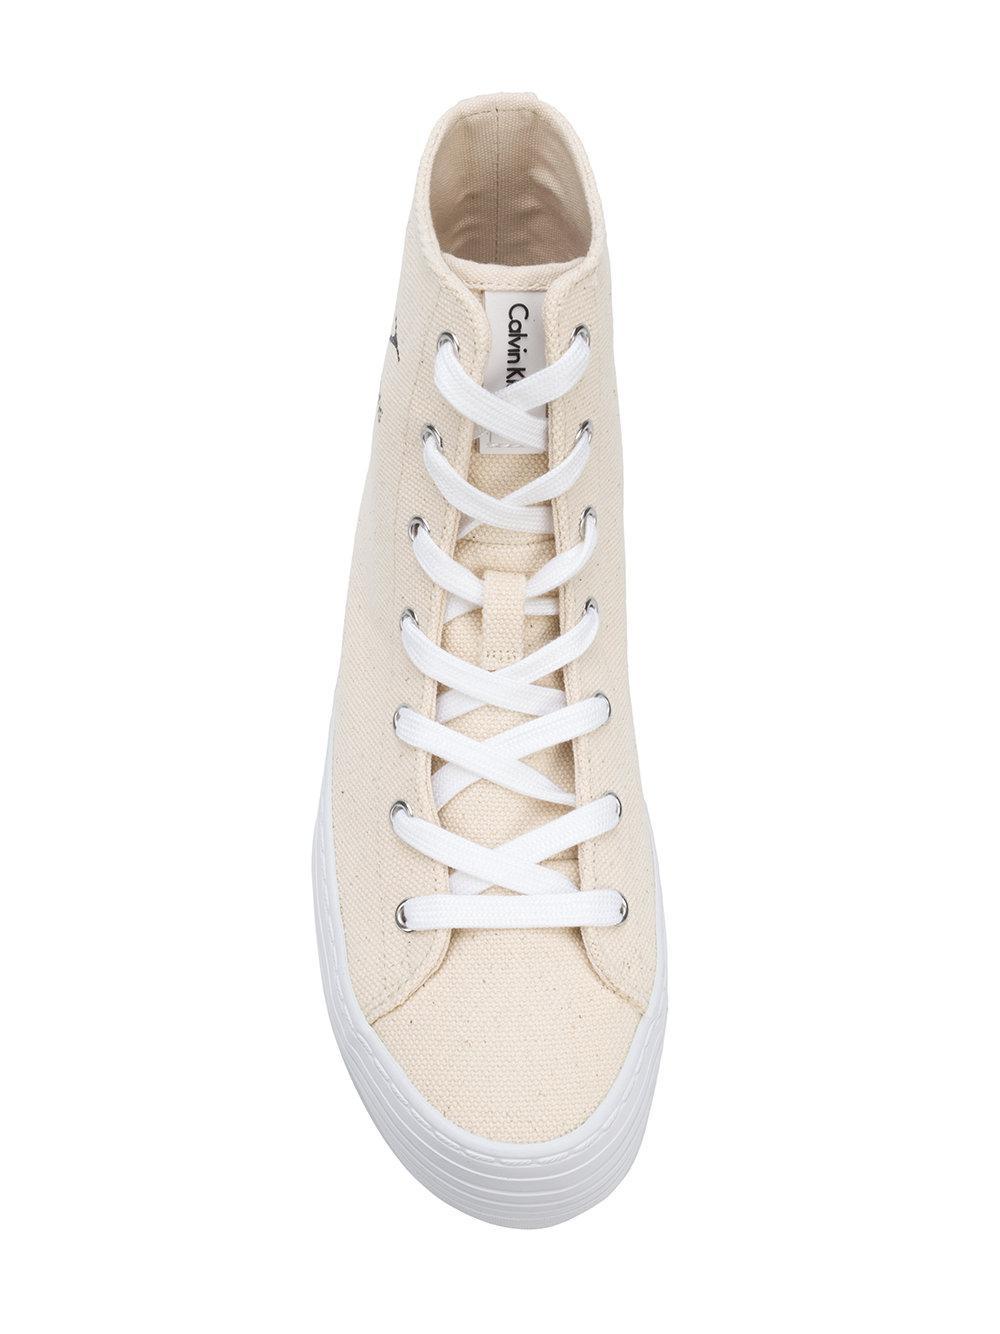 flatform hi-top sneakers - Nude & Neutrals Calvin Klein Jeans PW29N40n